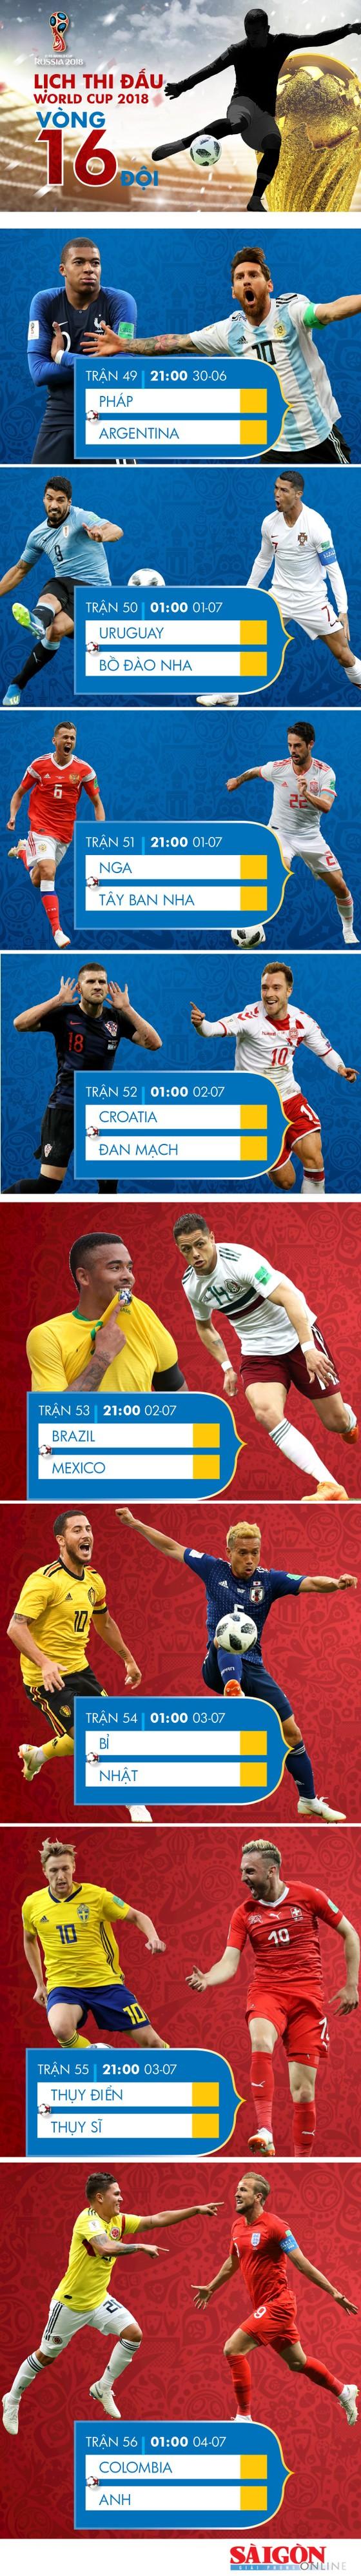 Lịch thi đấu WORLD CUP 2018 vòng 16 đội (vòng 1/8) Infographic  ảnh 1